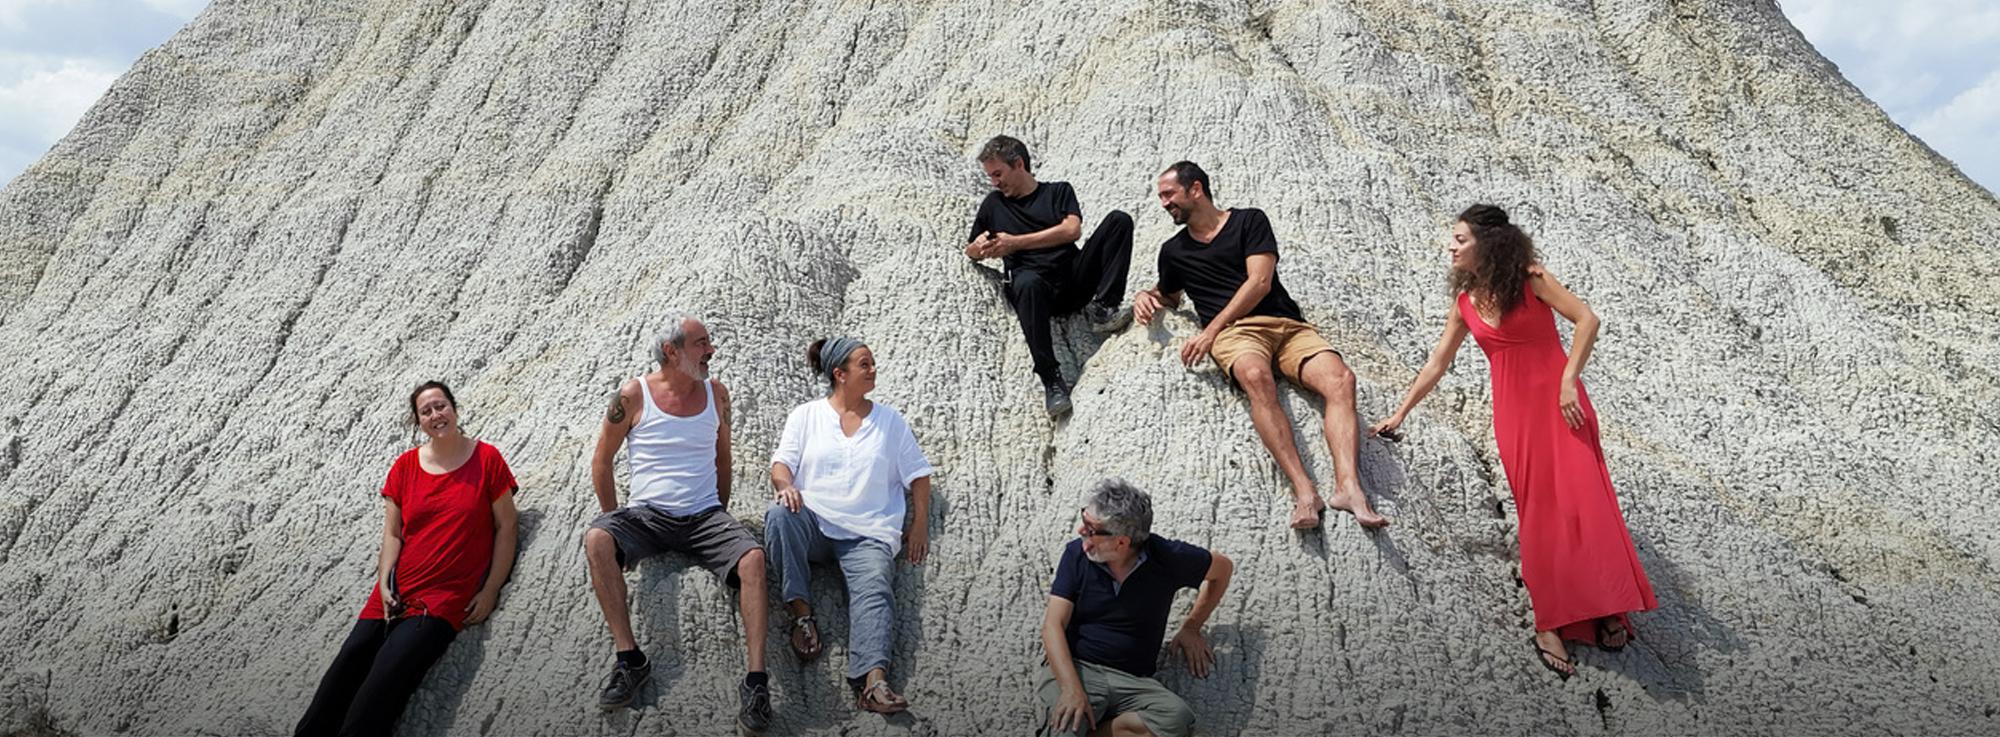 Tricase: Festival della musica salentina